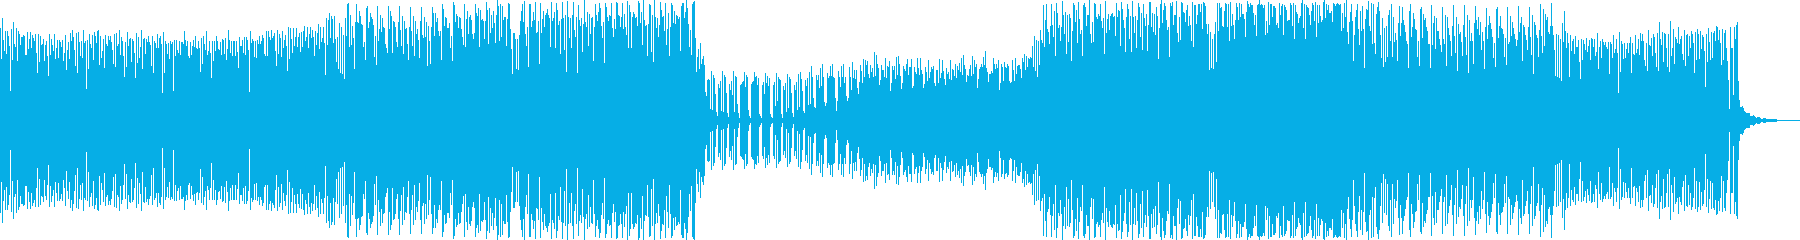 イントロ1mnドラムパーカッション...の再生済みの波形